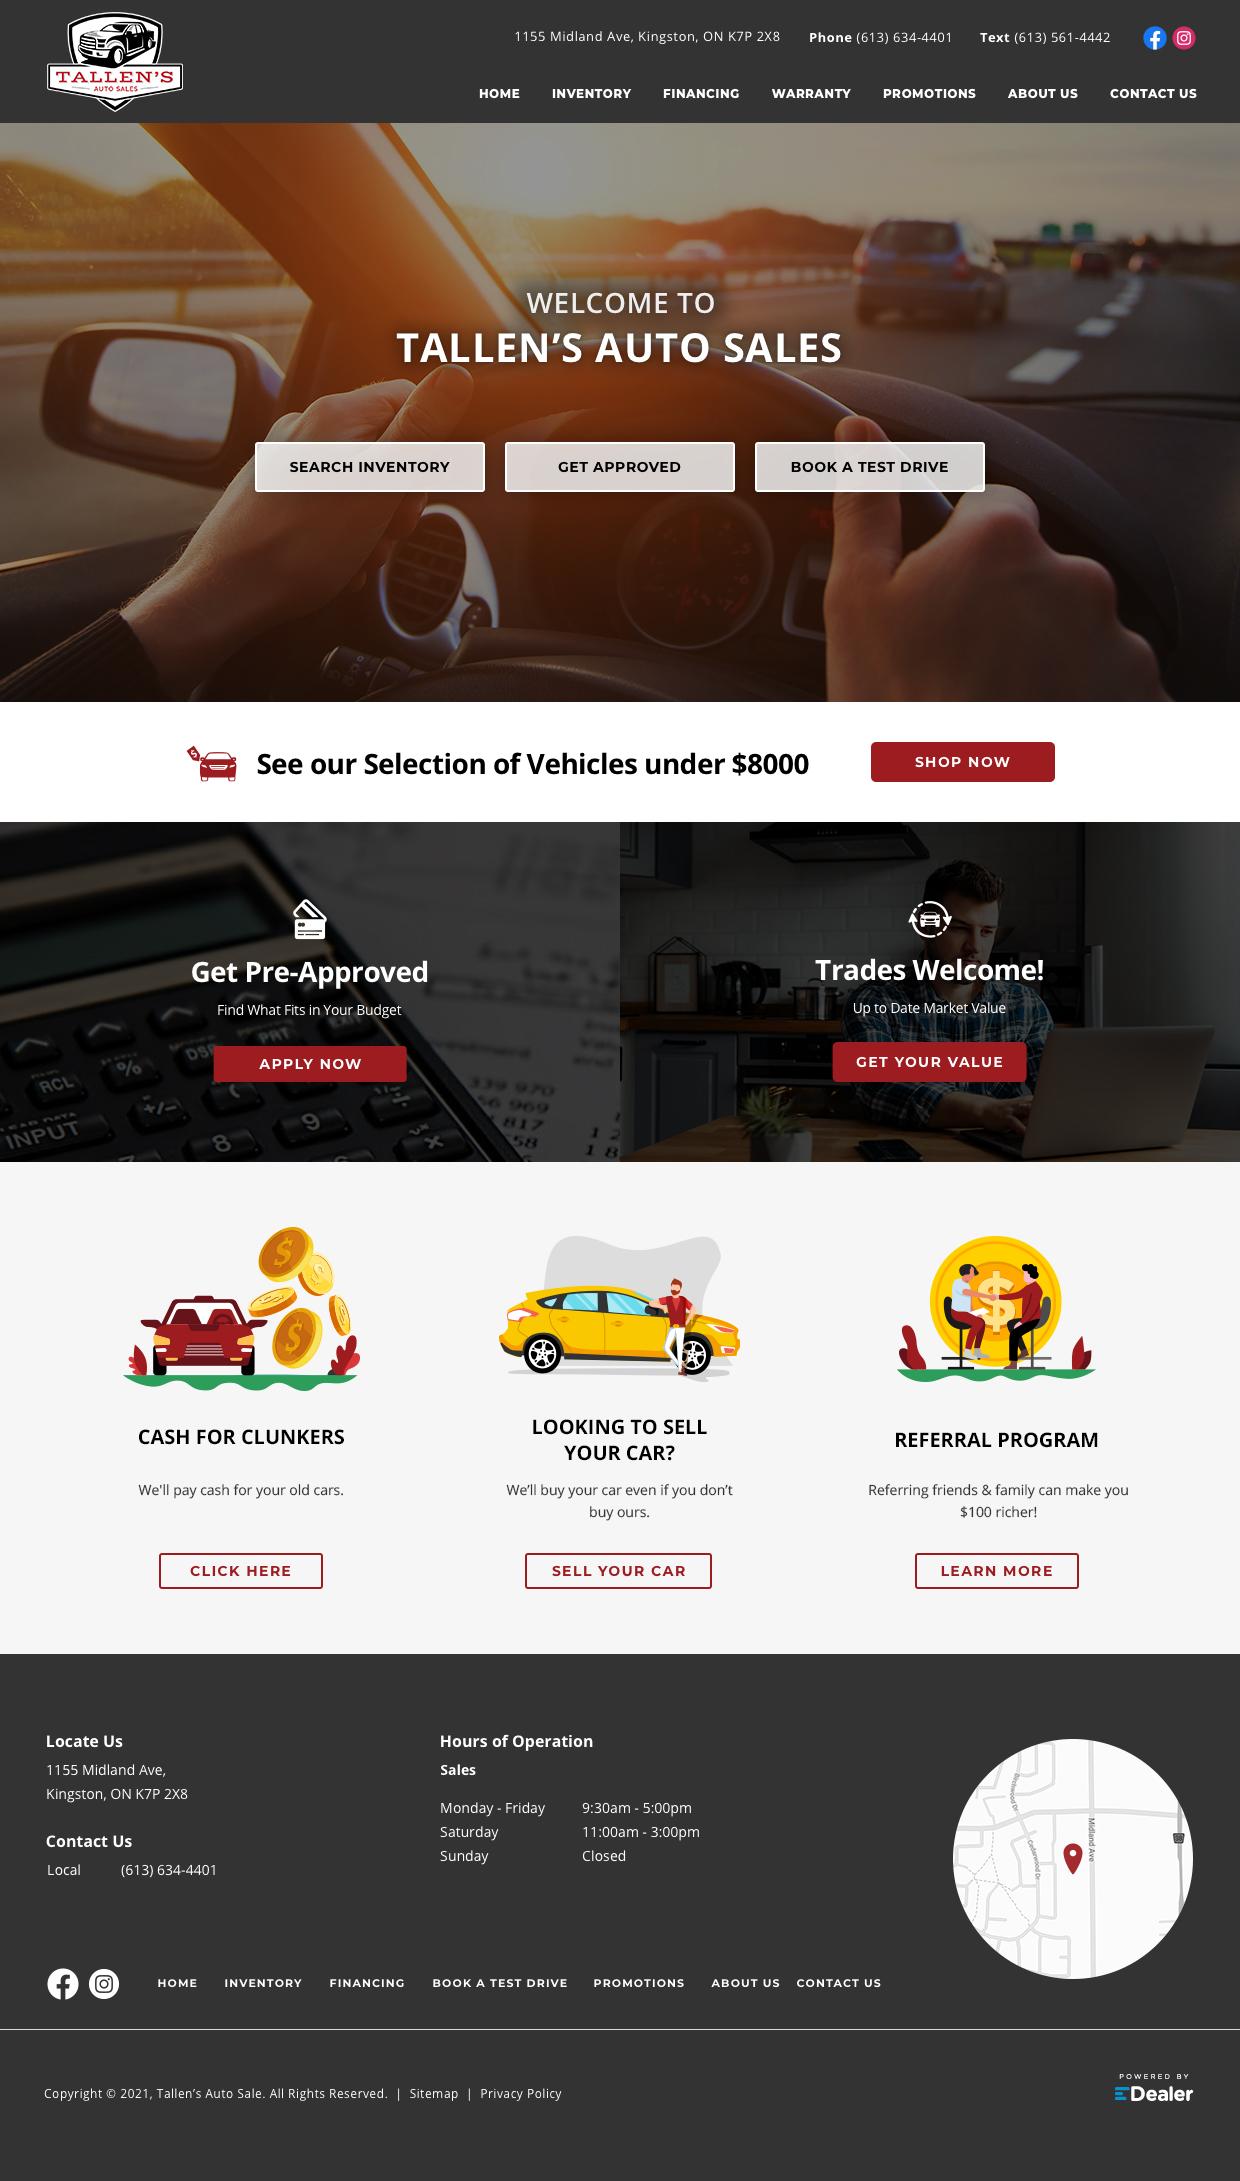 Tallen's Auto Sales